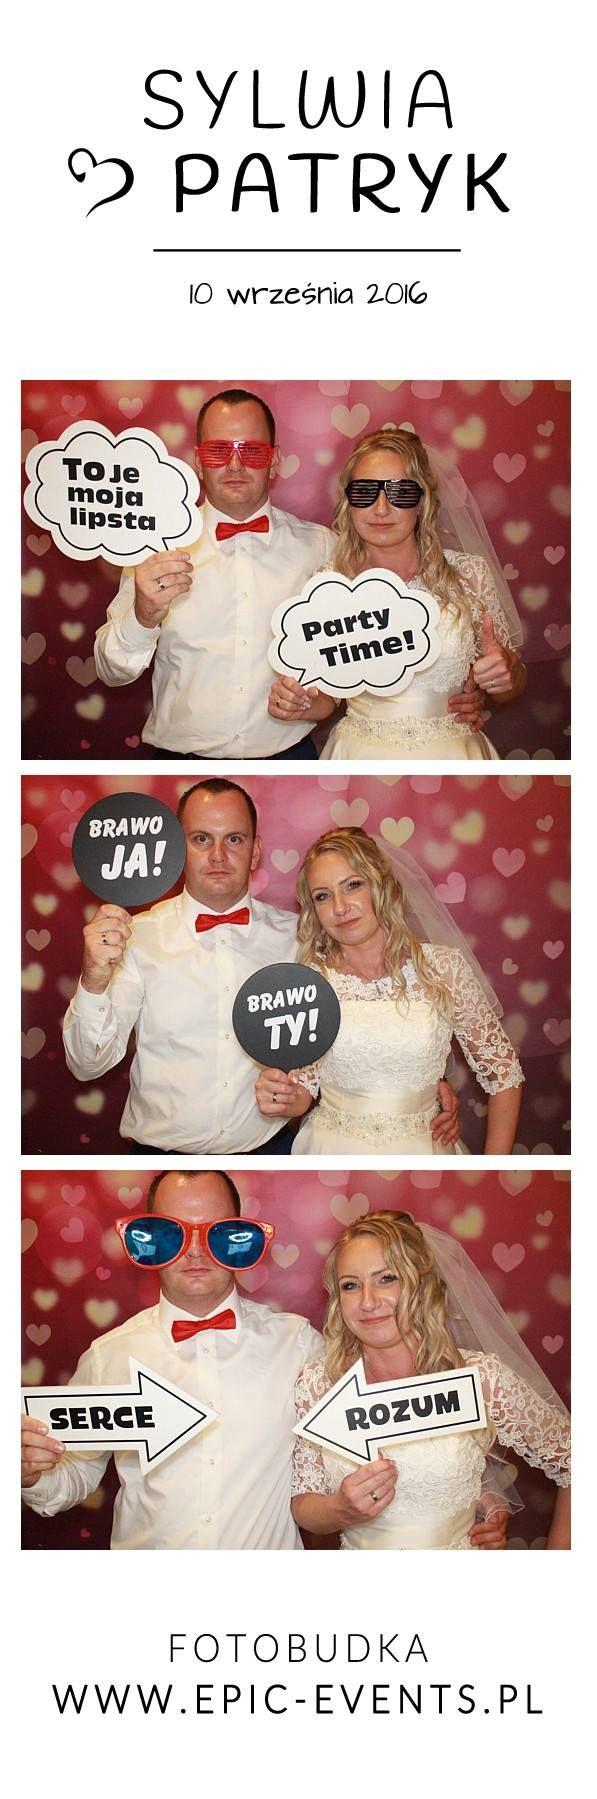 Wrześniowa zabawa na weselu Sylwii i Patryka <3 Wszystkiego najlepszego dla nowożeńców   #fotobudka #photobooth #smile #fun #zdjęcie #wesele #uostrowskich #atrakcjanawesele  www.epic-events.pl